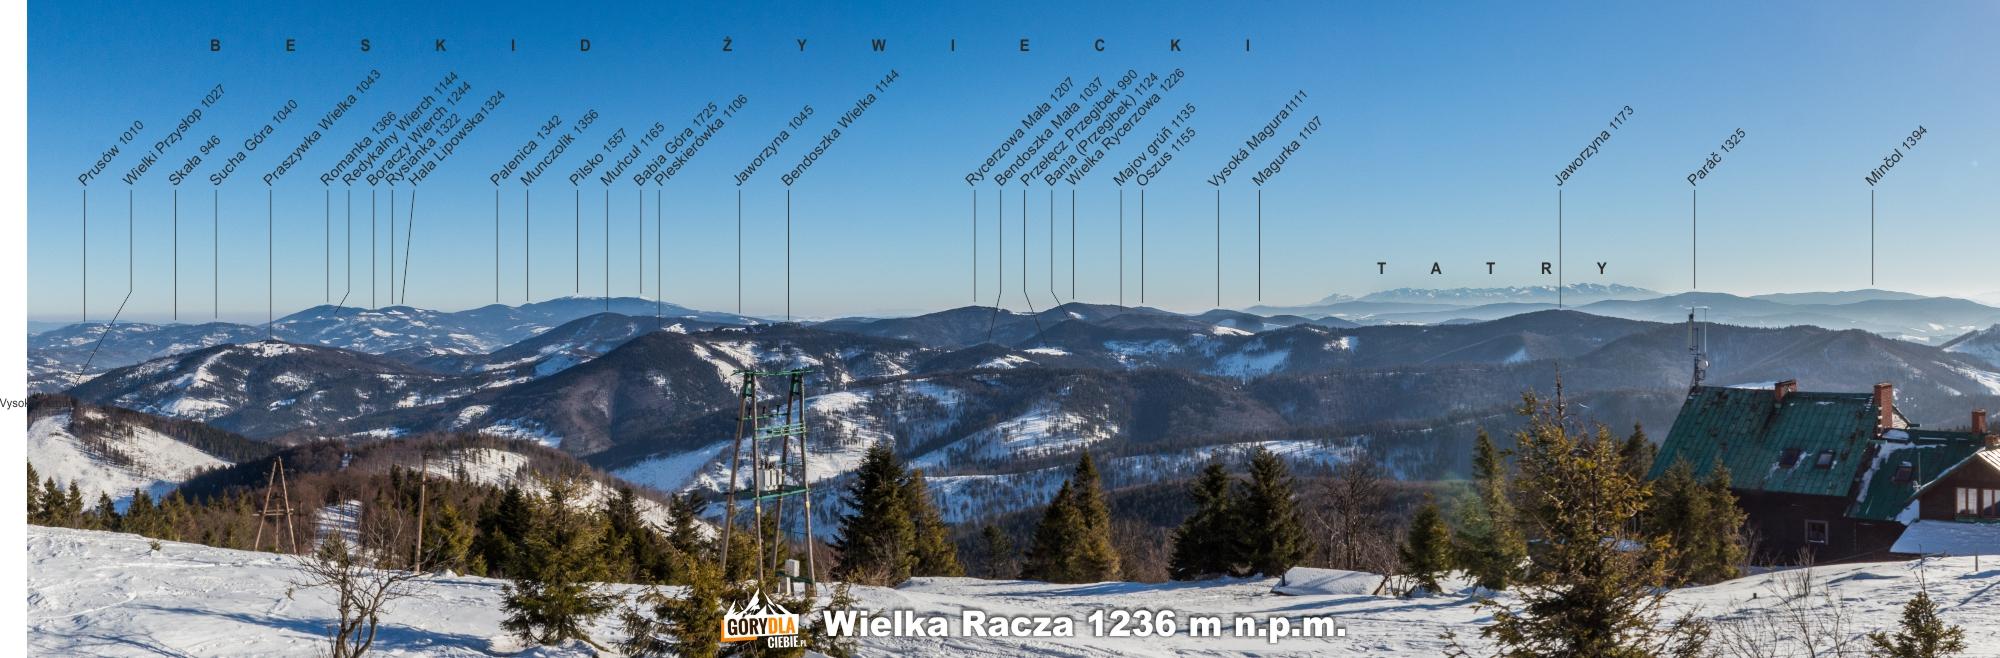 Panorama zeszczytu Wielkiej Raczy (1236 m) nawschód